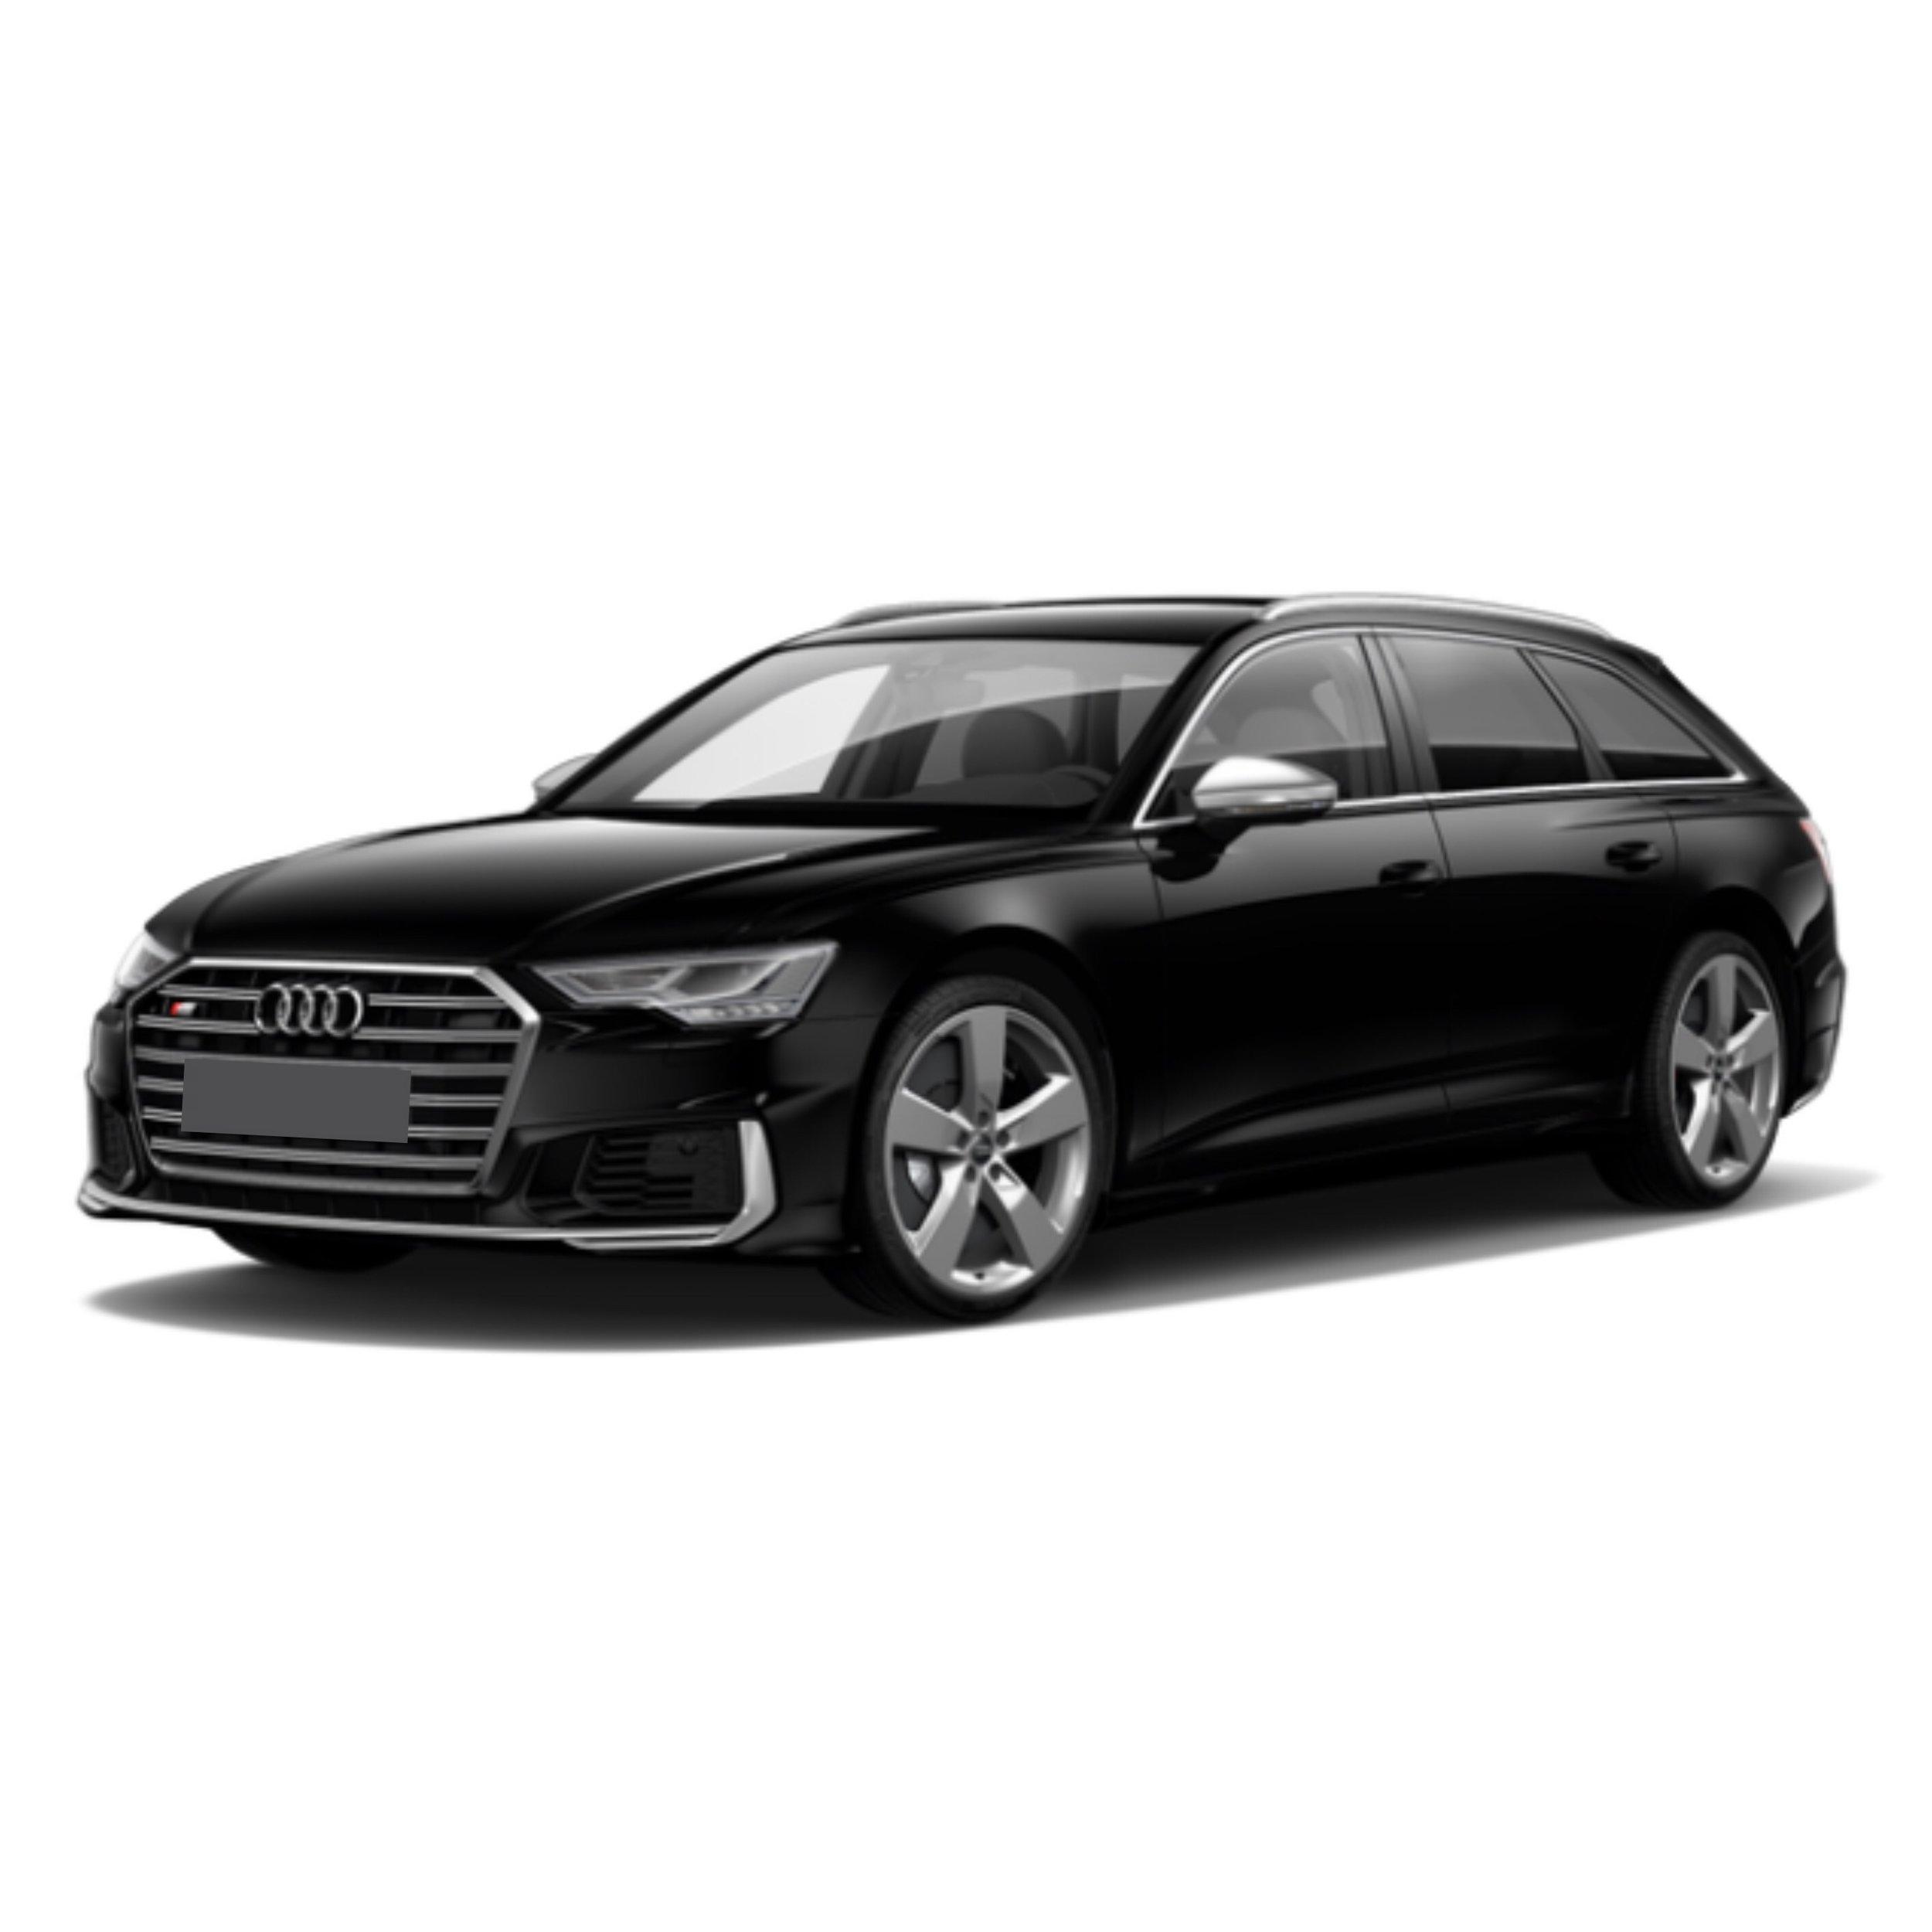 Audi S6 Avant TDI (349 PS) 576,00€ / Monat - *Nur Gewerbekunden*alle Werte zzgl. der jeweiligen Umsatzsteuer